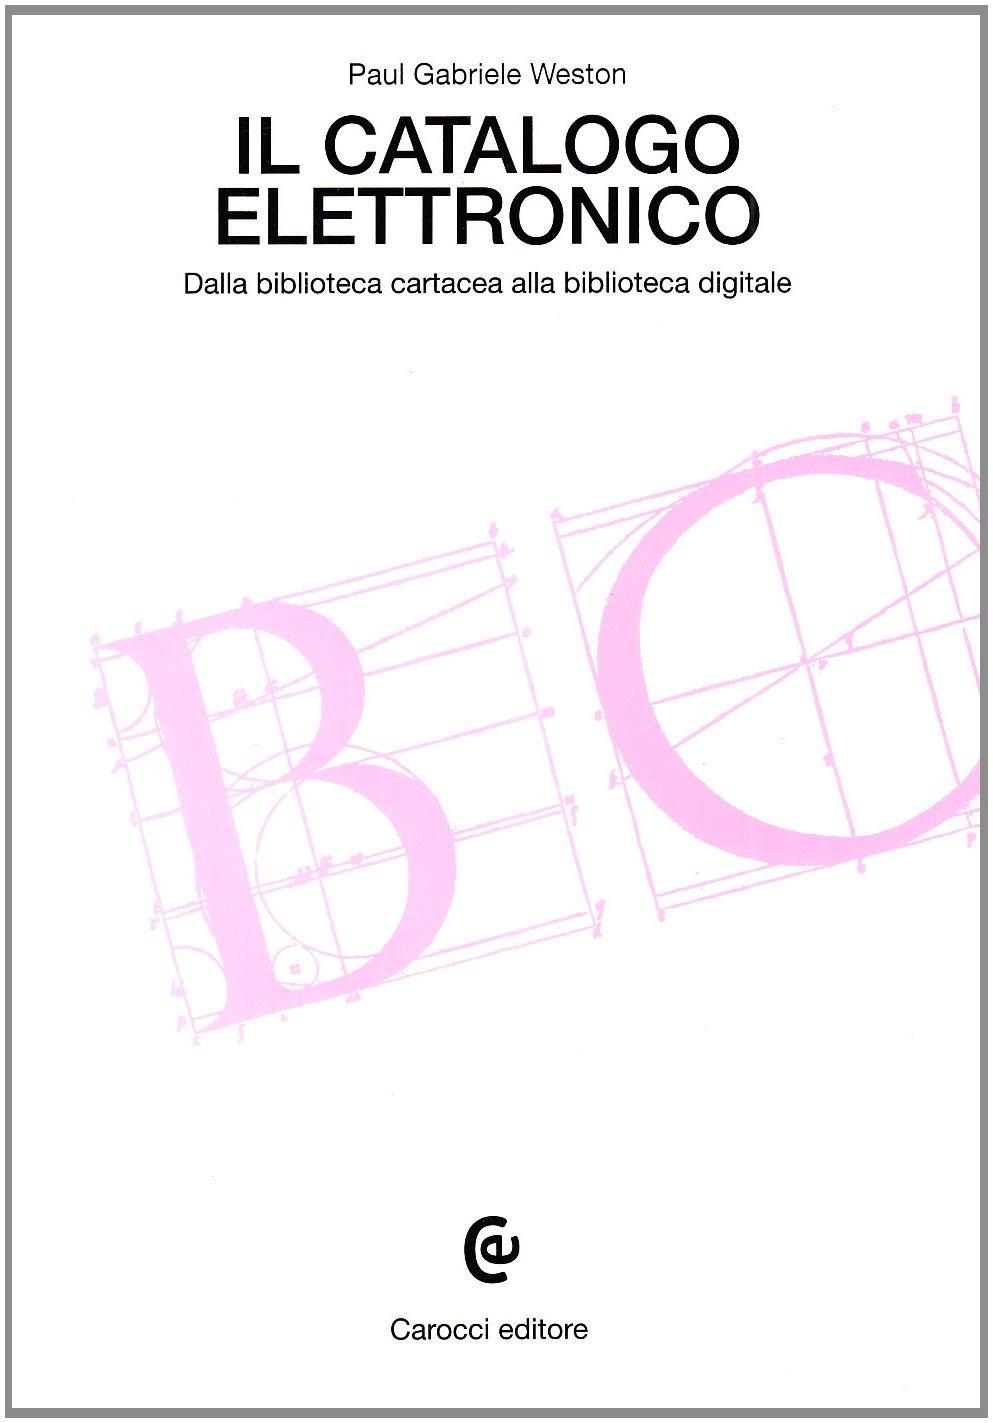 Il catalogo elettronico. Dalla biblioteca cartacea alla biblioteca digitale Copertina flessibile – 19 apr 2002 Paul G. Weston Carocci 8843021745 Testi scientifici